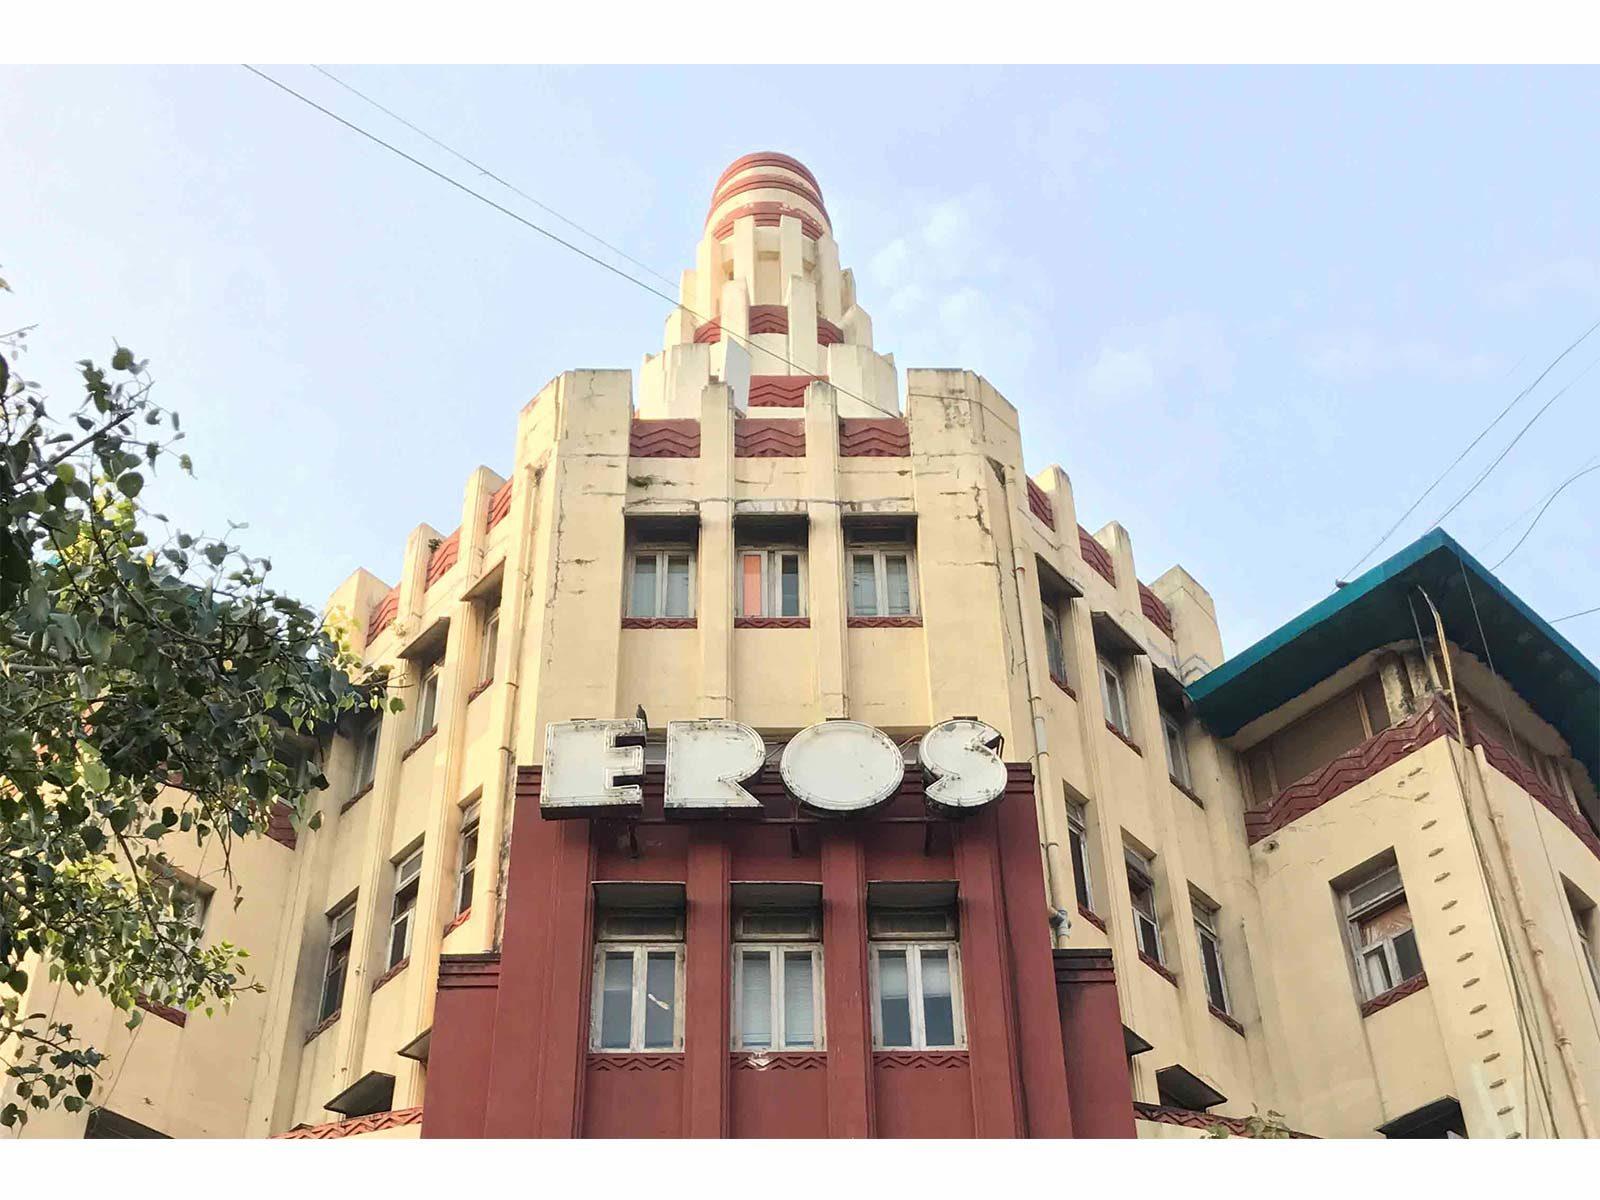 Eros Cinema, Oval Maidan © Art Deco Mumbai Trust